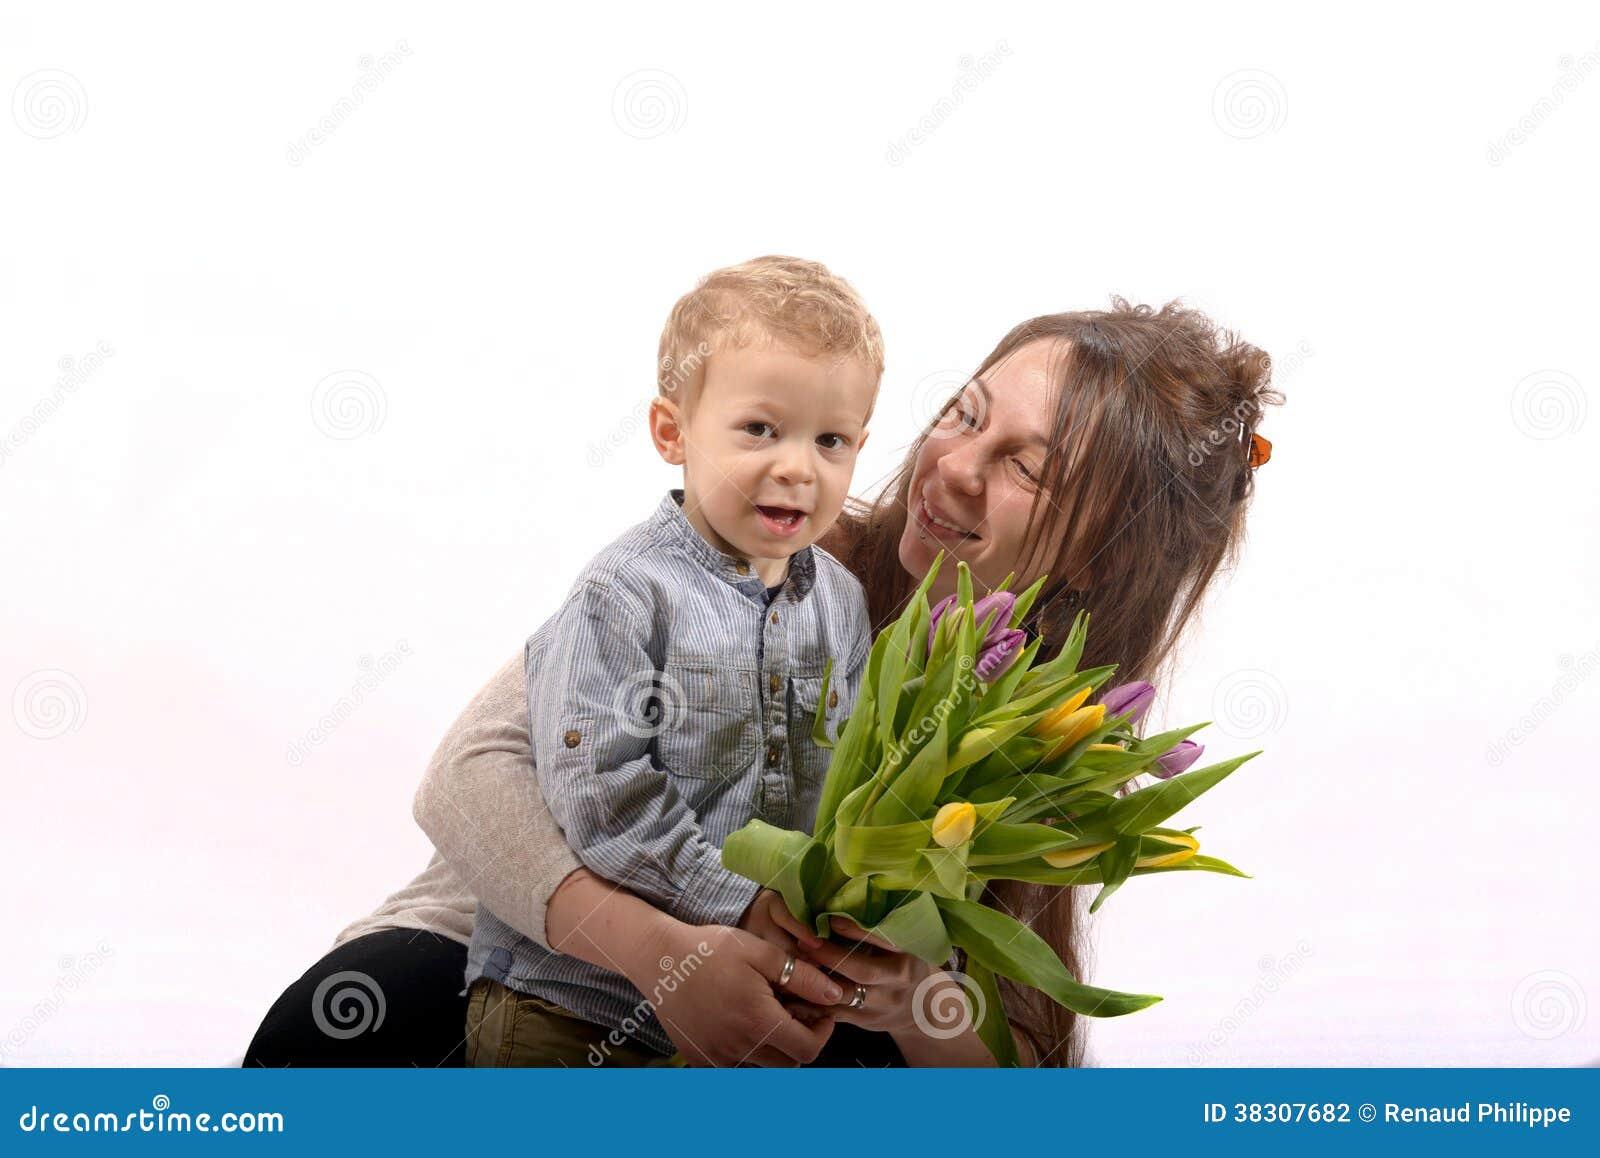 Un enfant en bas ge offre des fleurs sa maman for Offre des fleurs